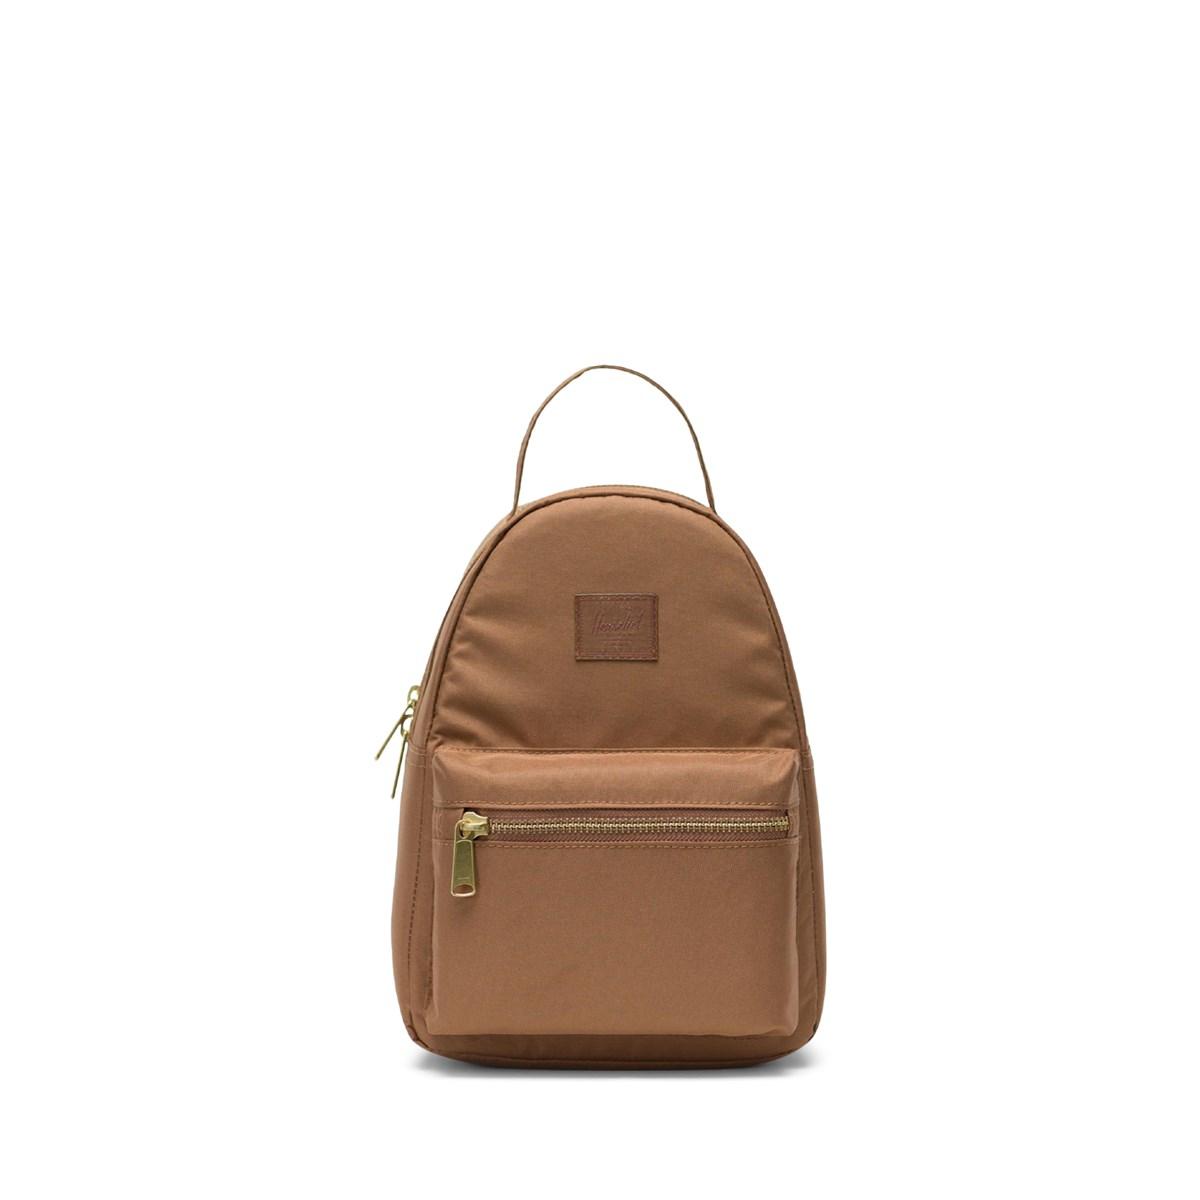 Nova Mini Backpack in Brown